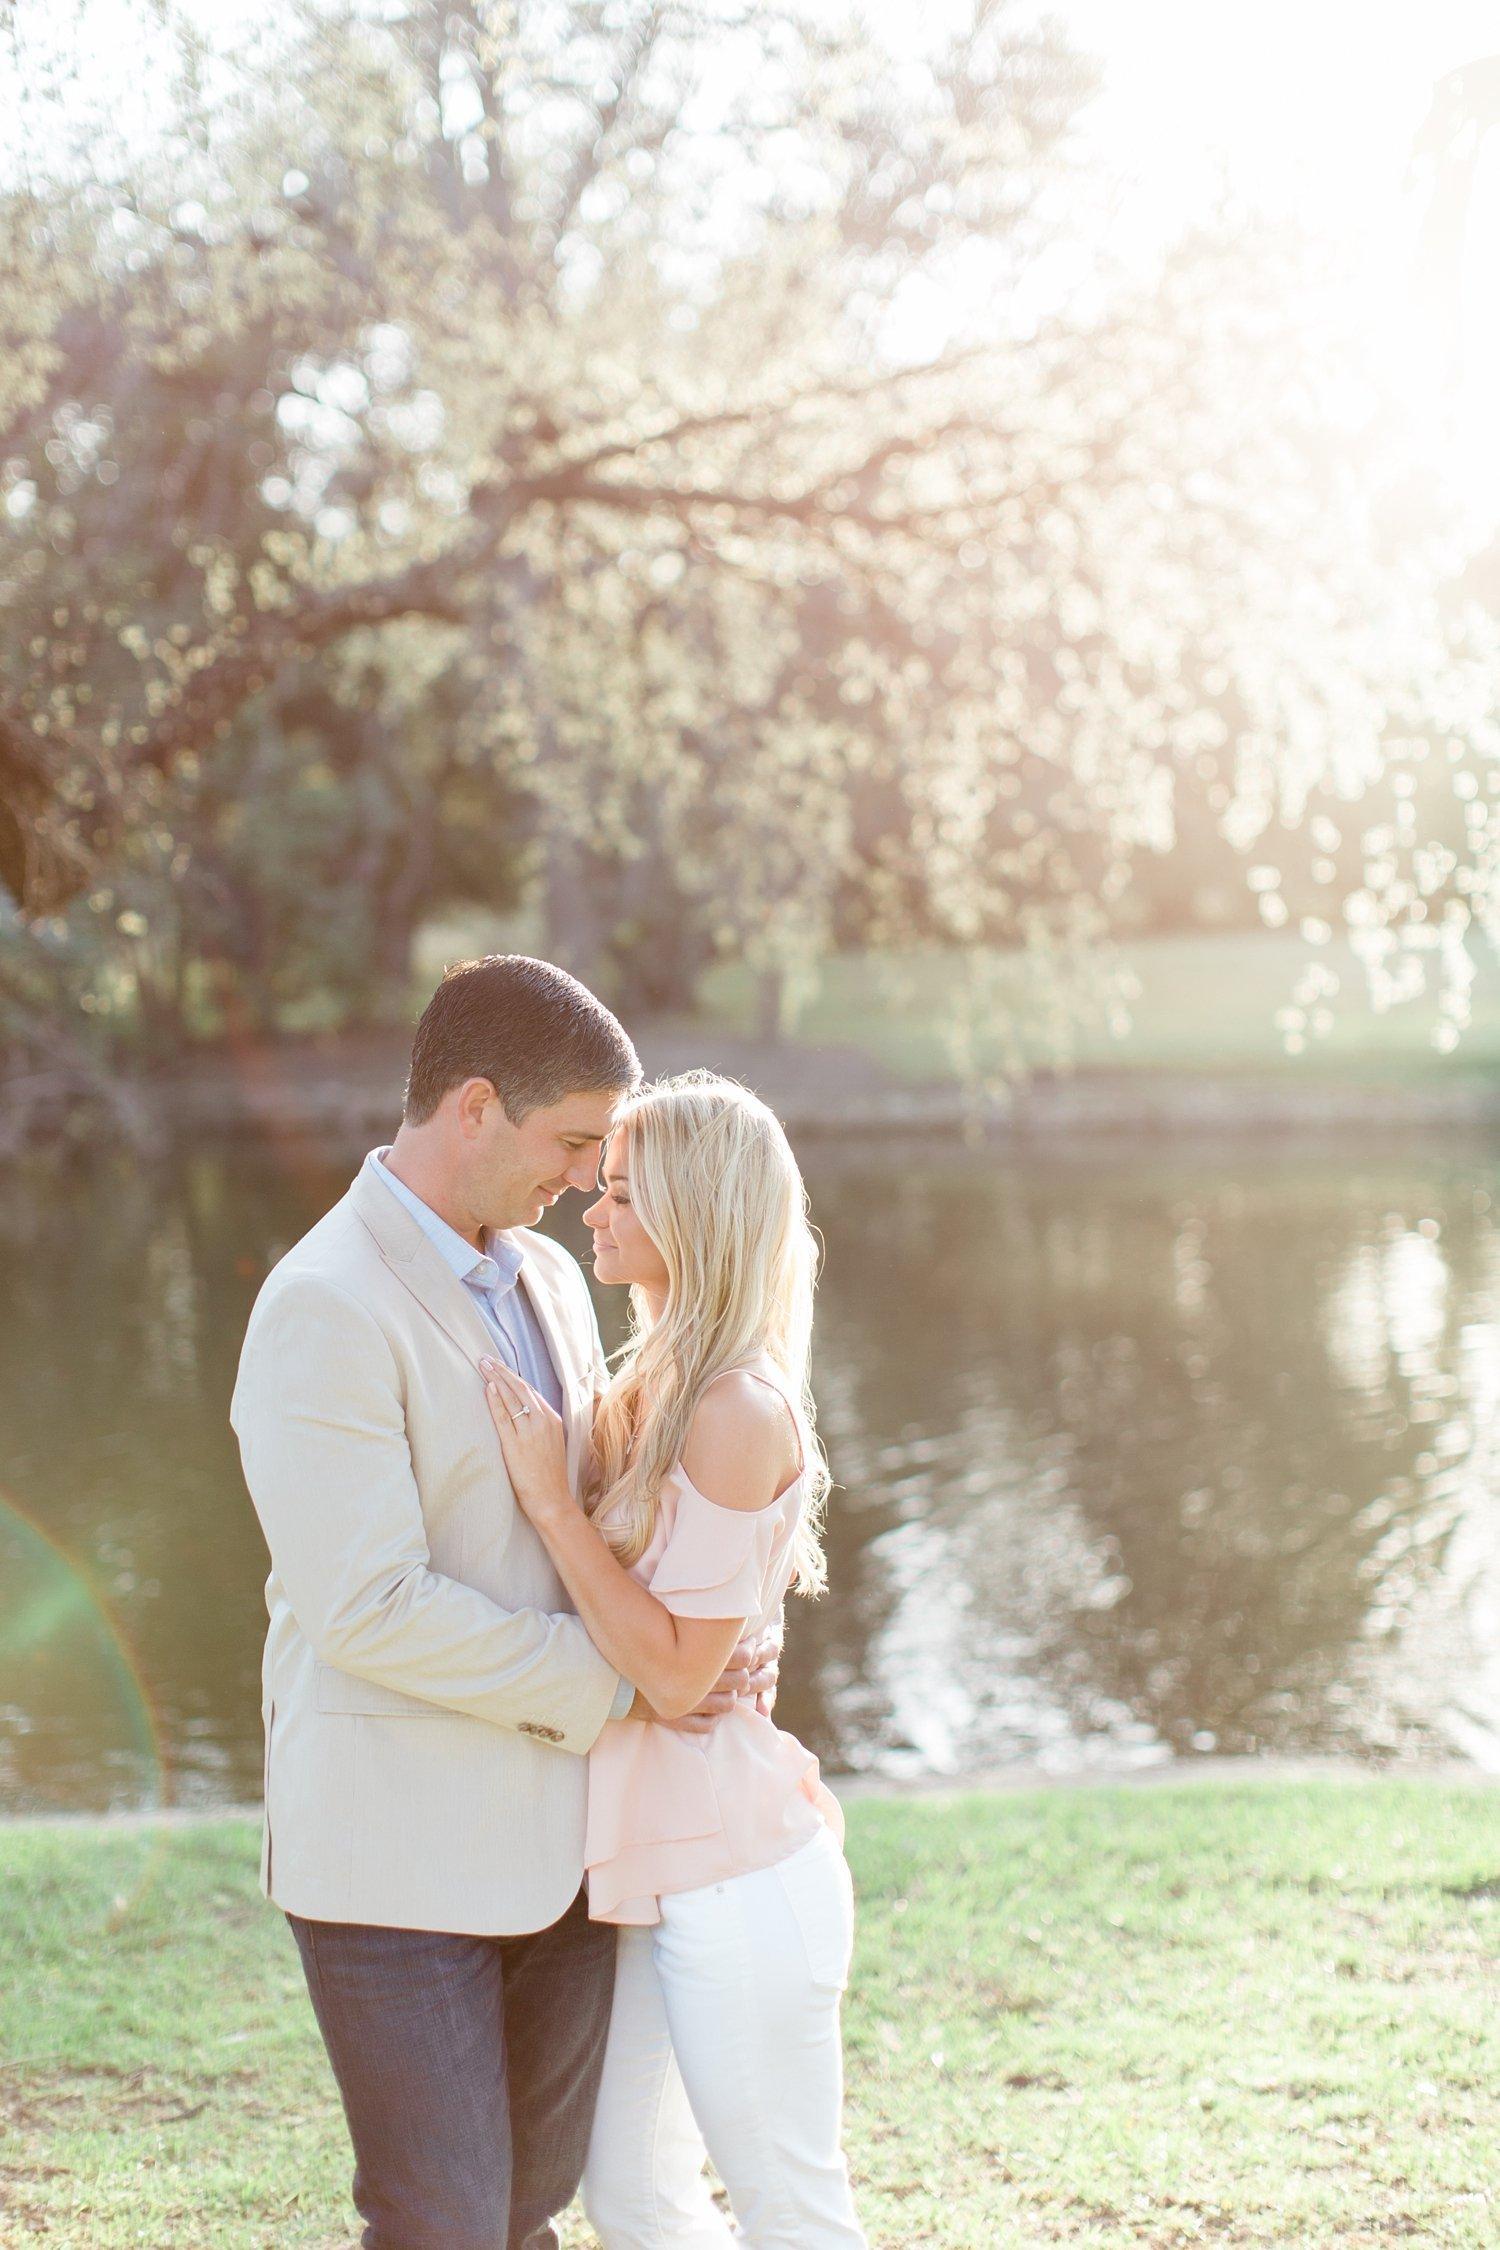 highland-park-wedding-photographer-dallas-stephanie-aaron-10